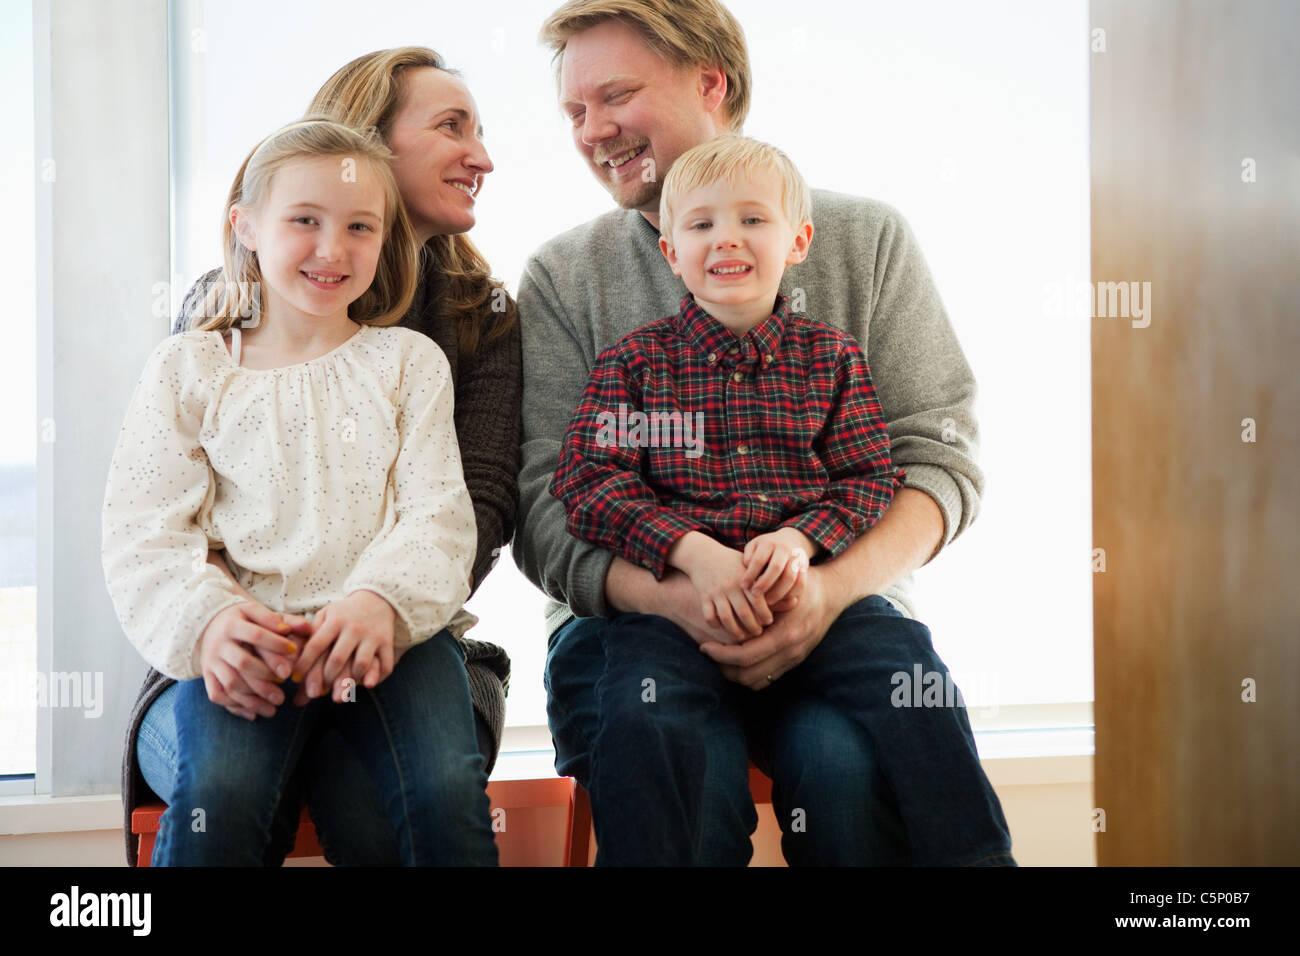 Familia sentada sobre alféizar, Retrato Imagen De Stock